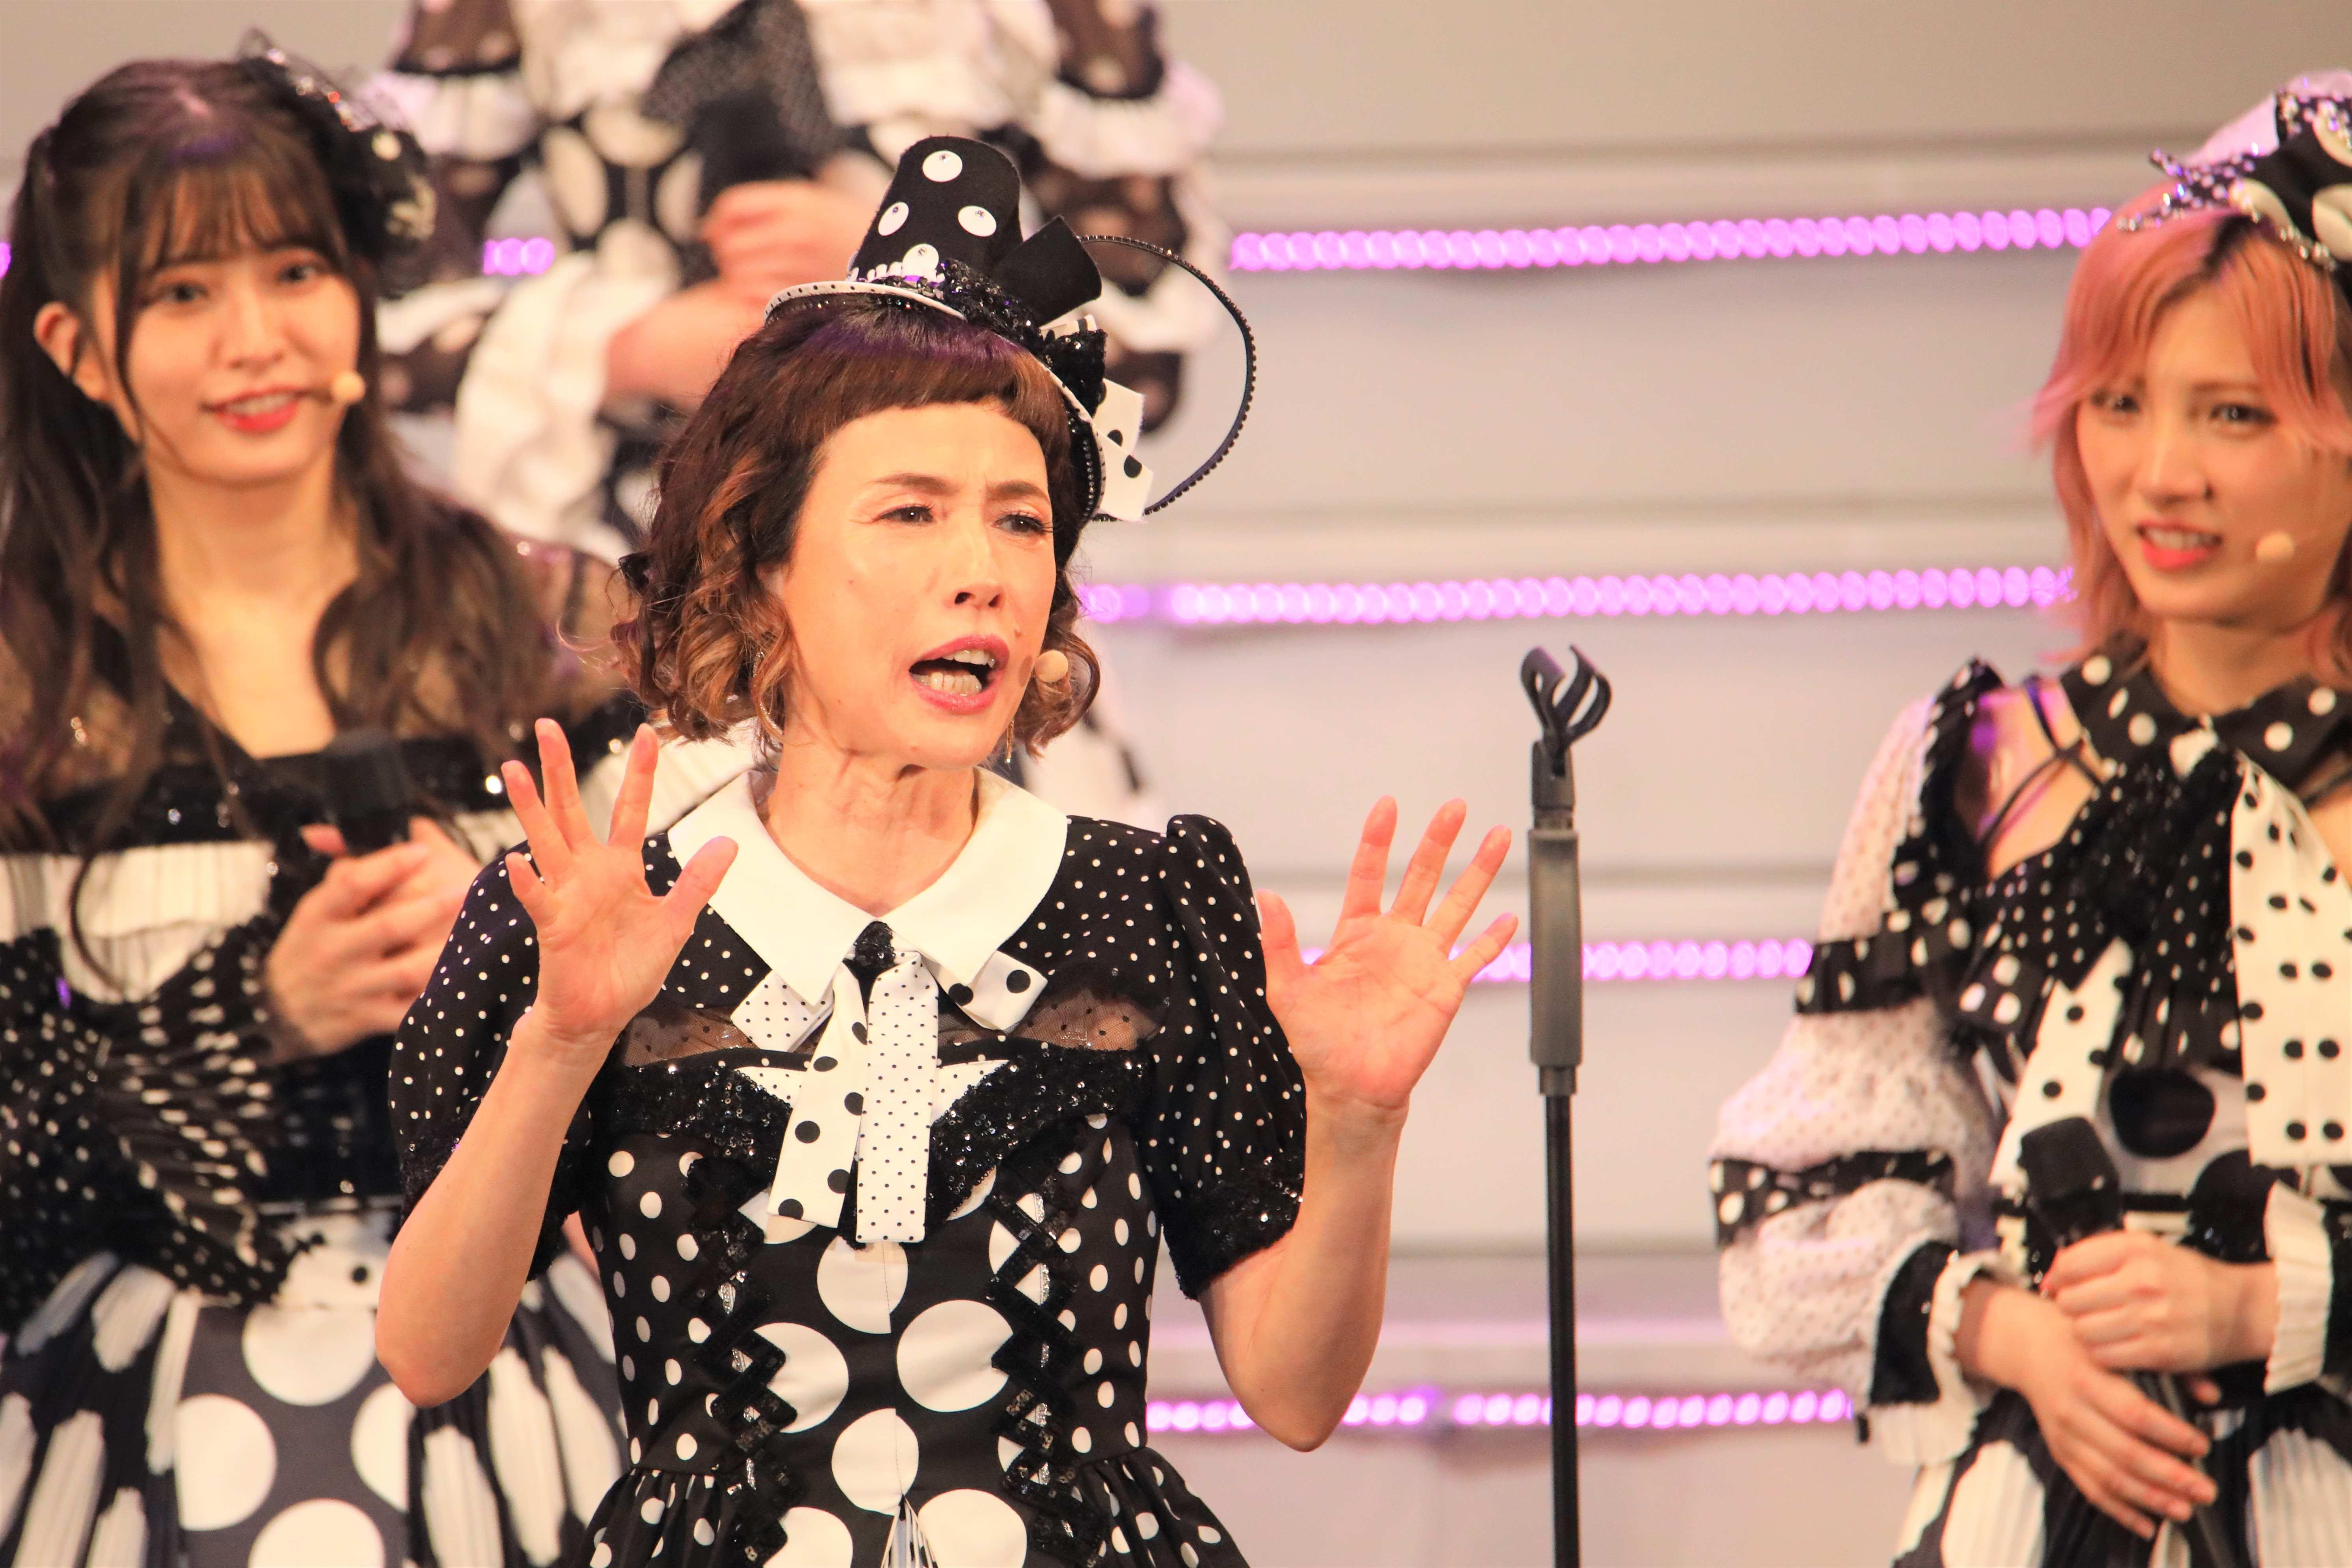 「今日、皆さんの前で踊れることが嬉しくて、嬉しくて、これで十分!」©AKB48 THE AUDISHOW製作委員会  無断アップロード及び転送は一切禁止です。